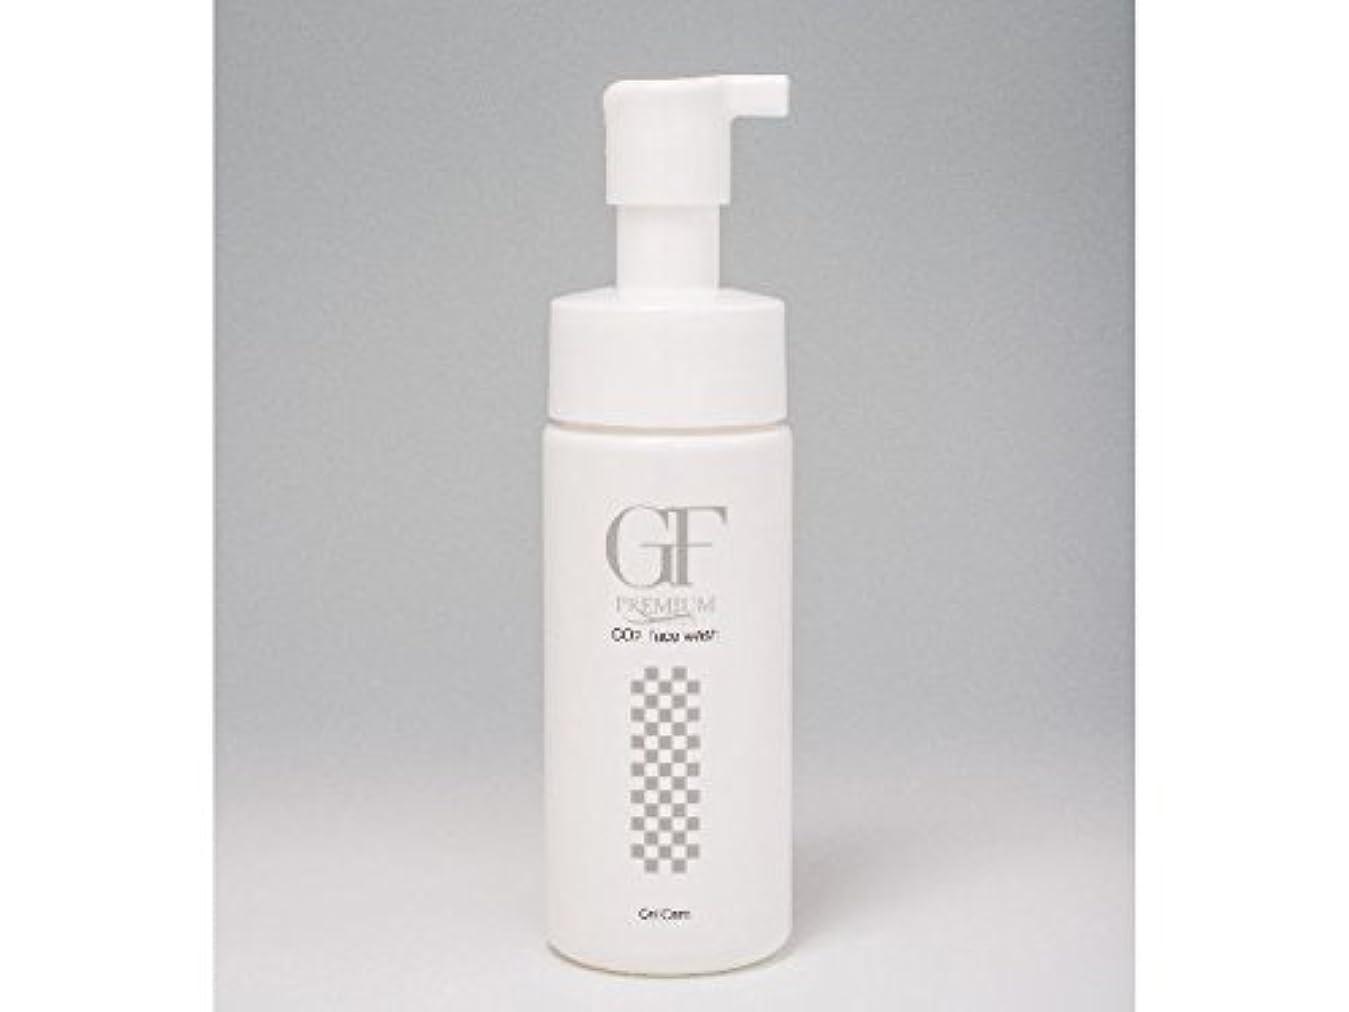 溶岩ポルノトランジスタセルケア GFプレミアム EG炭酸洗顔フォーム 150ml